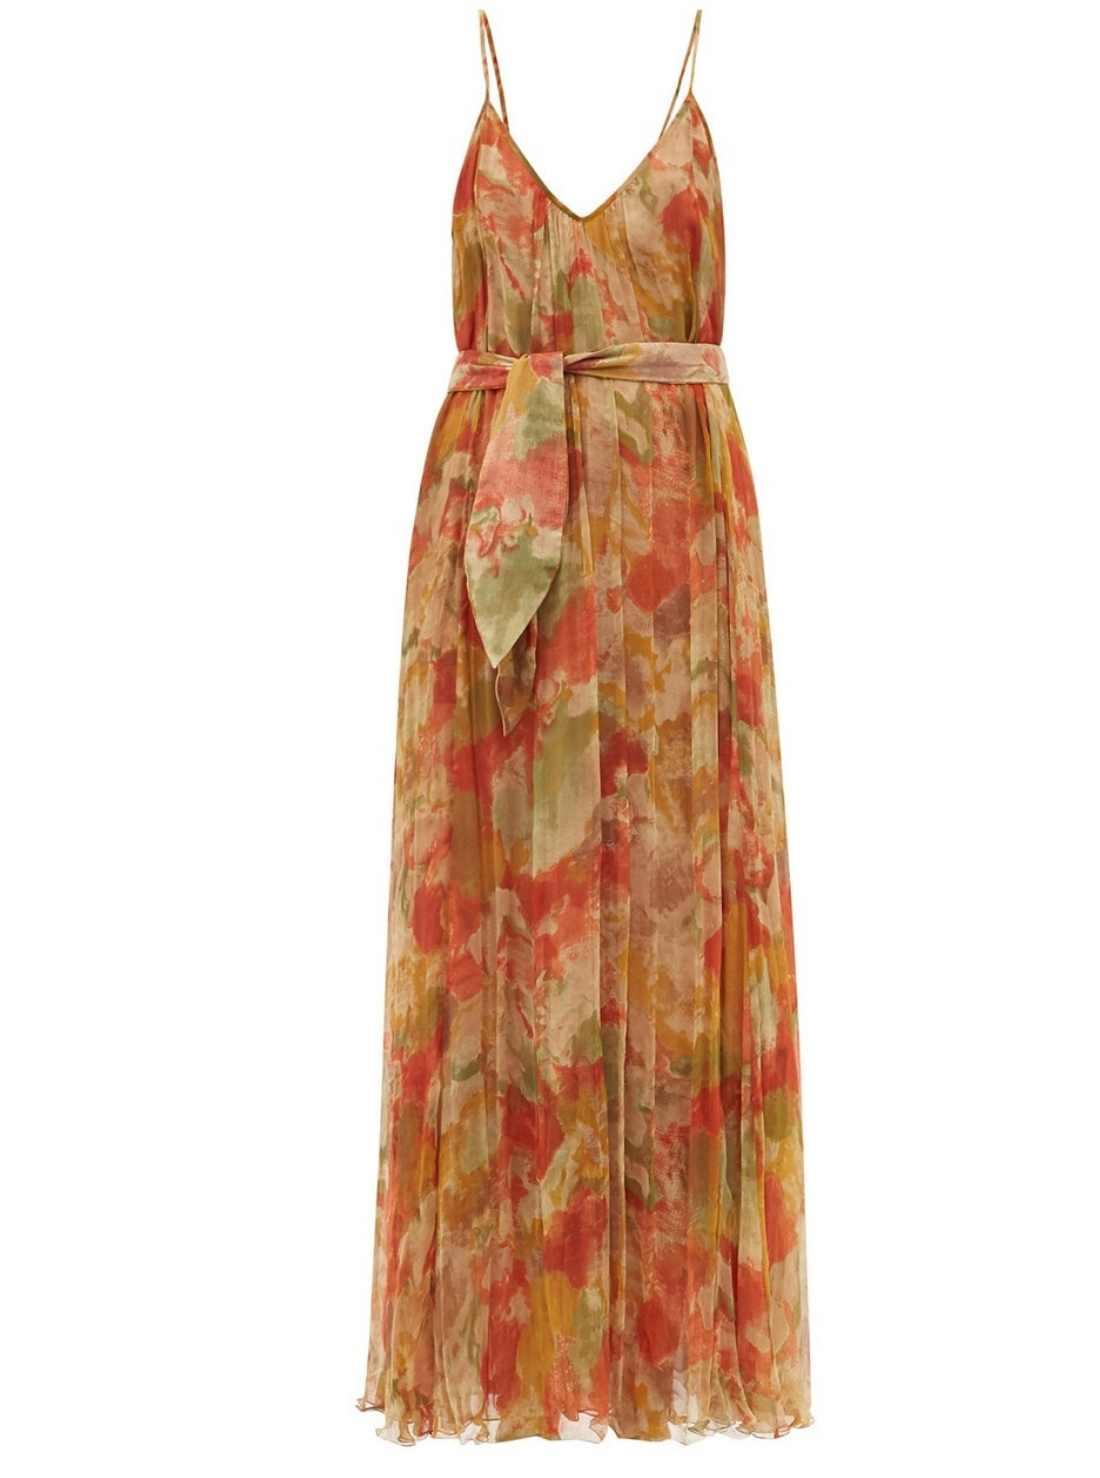 Stylish boho dress